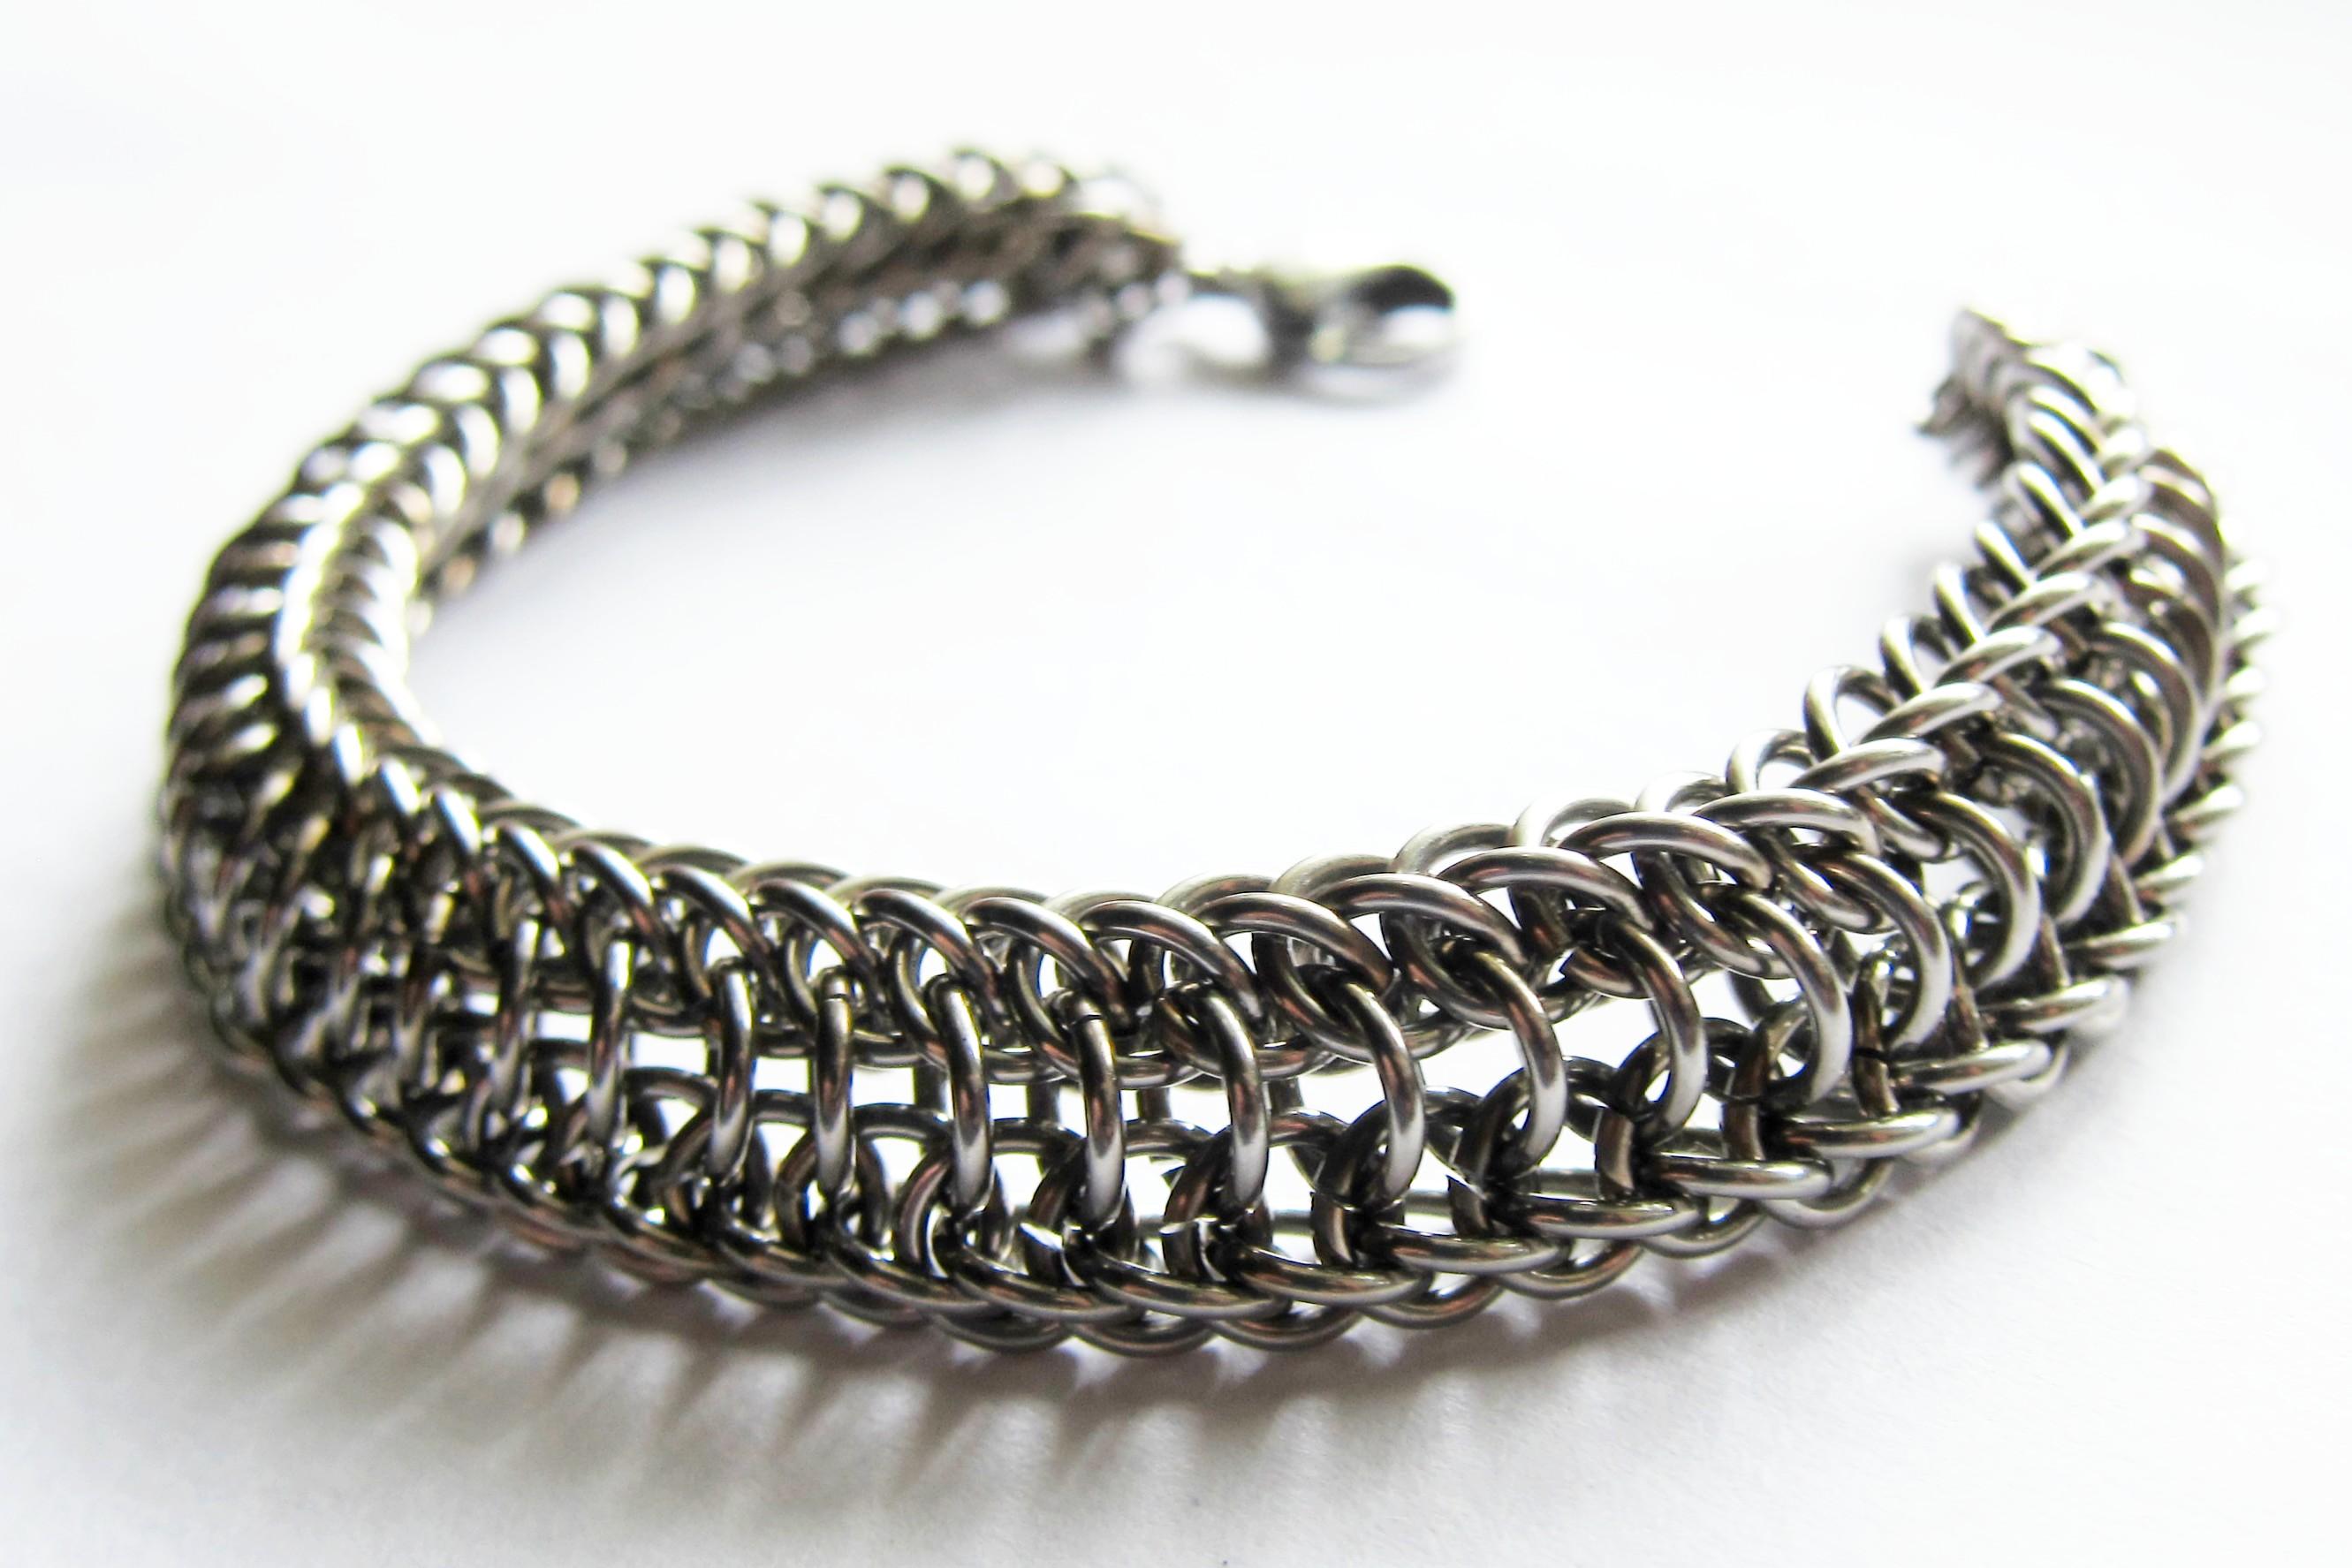 Мужской стальной браслет классического плетения - заказать в магазине Ручная Сталь